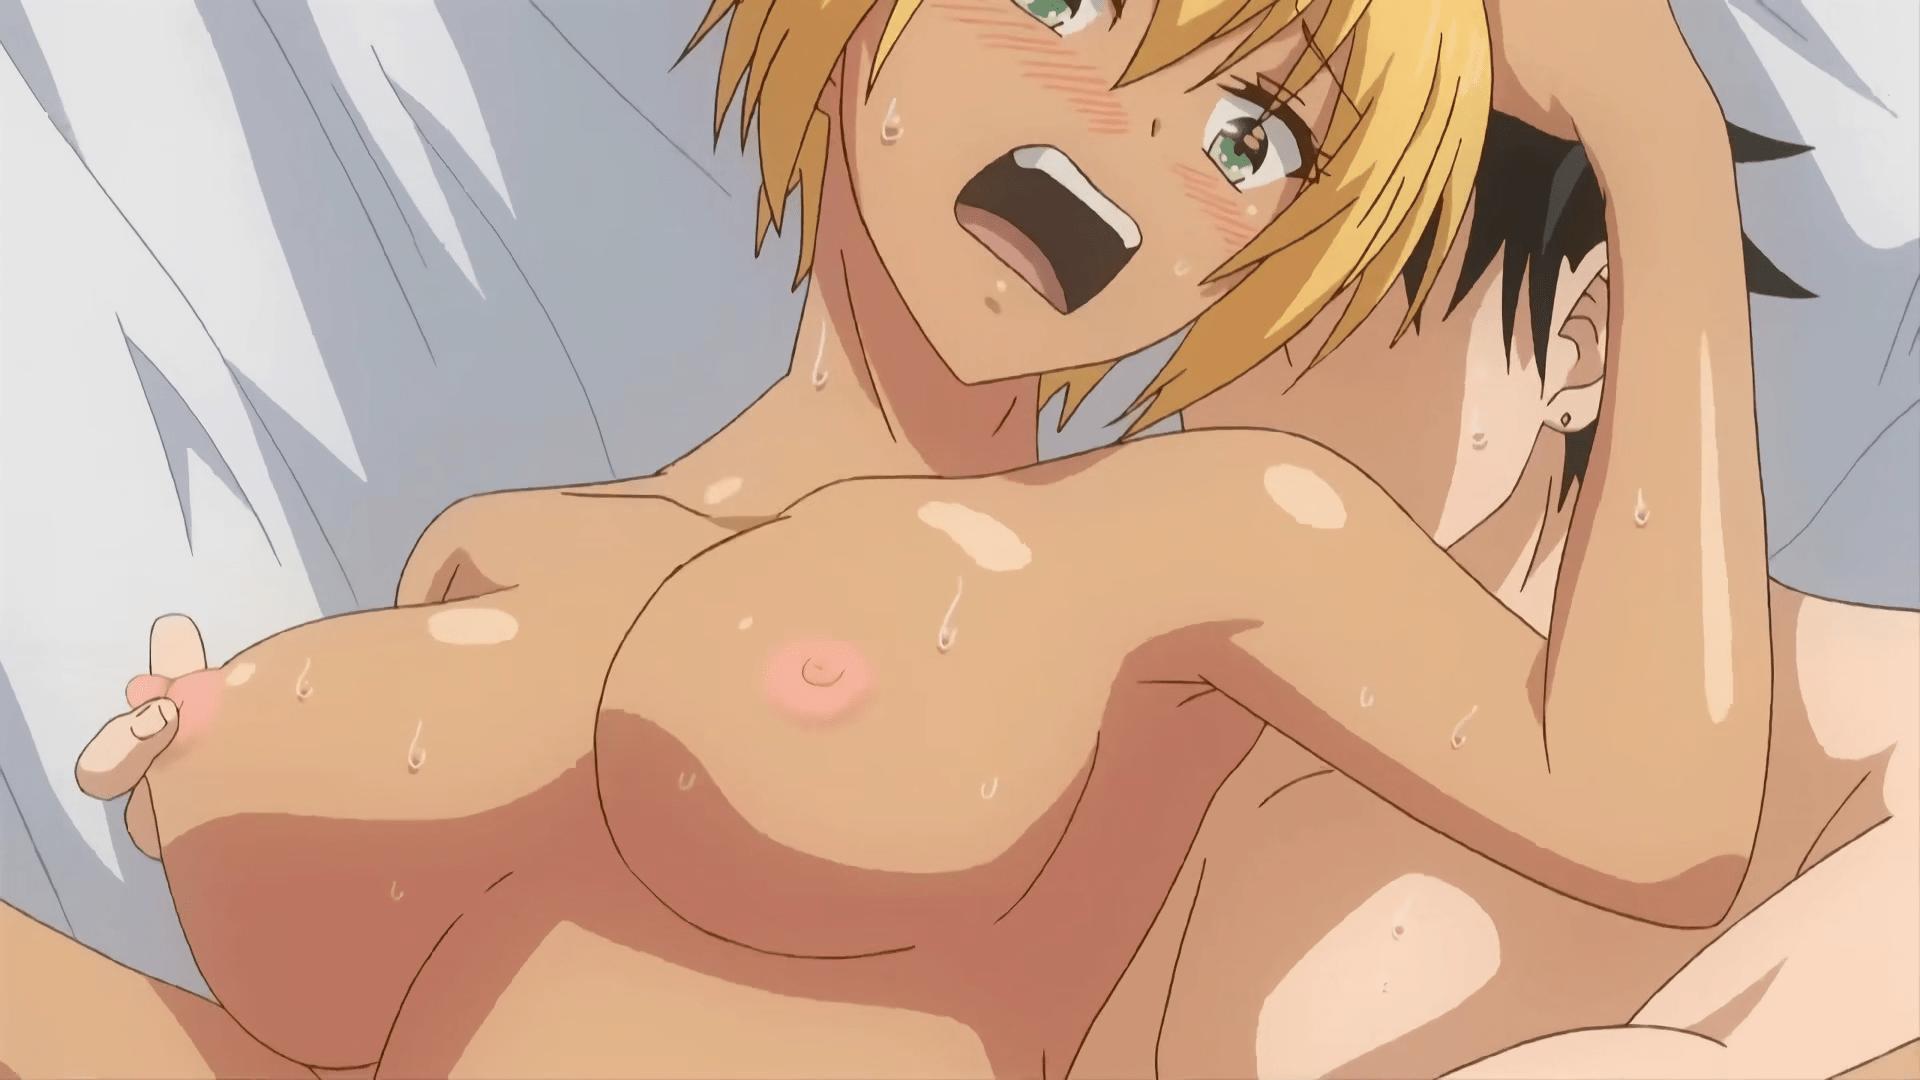 HentaiVideos.net Kuro Gal ni Natta kara Shin`yuu to Shite Mita. Episode 7